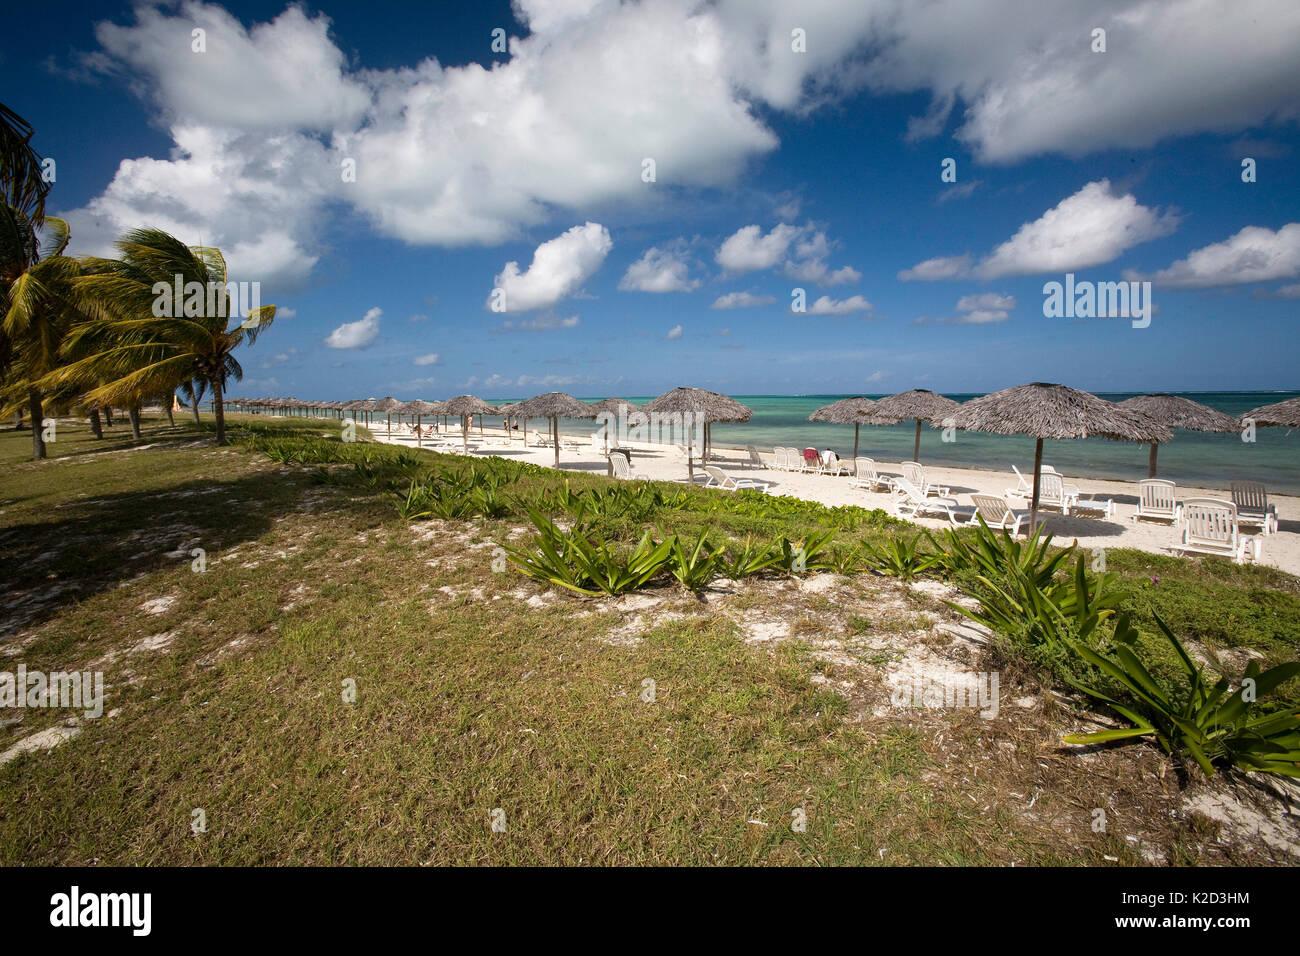 Playa de arena con palmeras en el Hotel Club Amigo Caracol, Santa Lucía, Camagüey, Cuba, Mar Caribe, Océano Atlántico Imagen De Stock